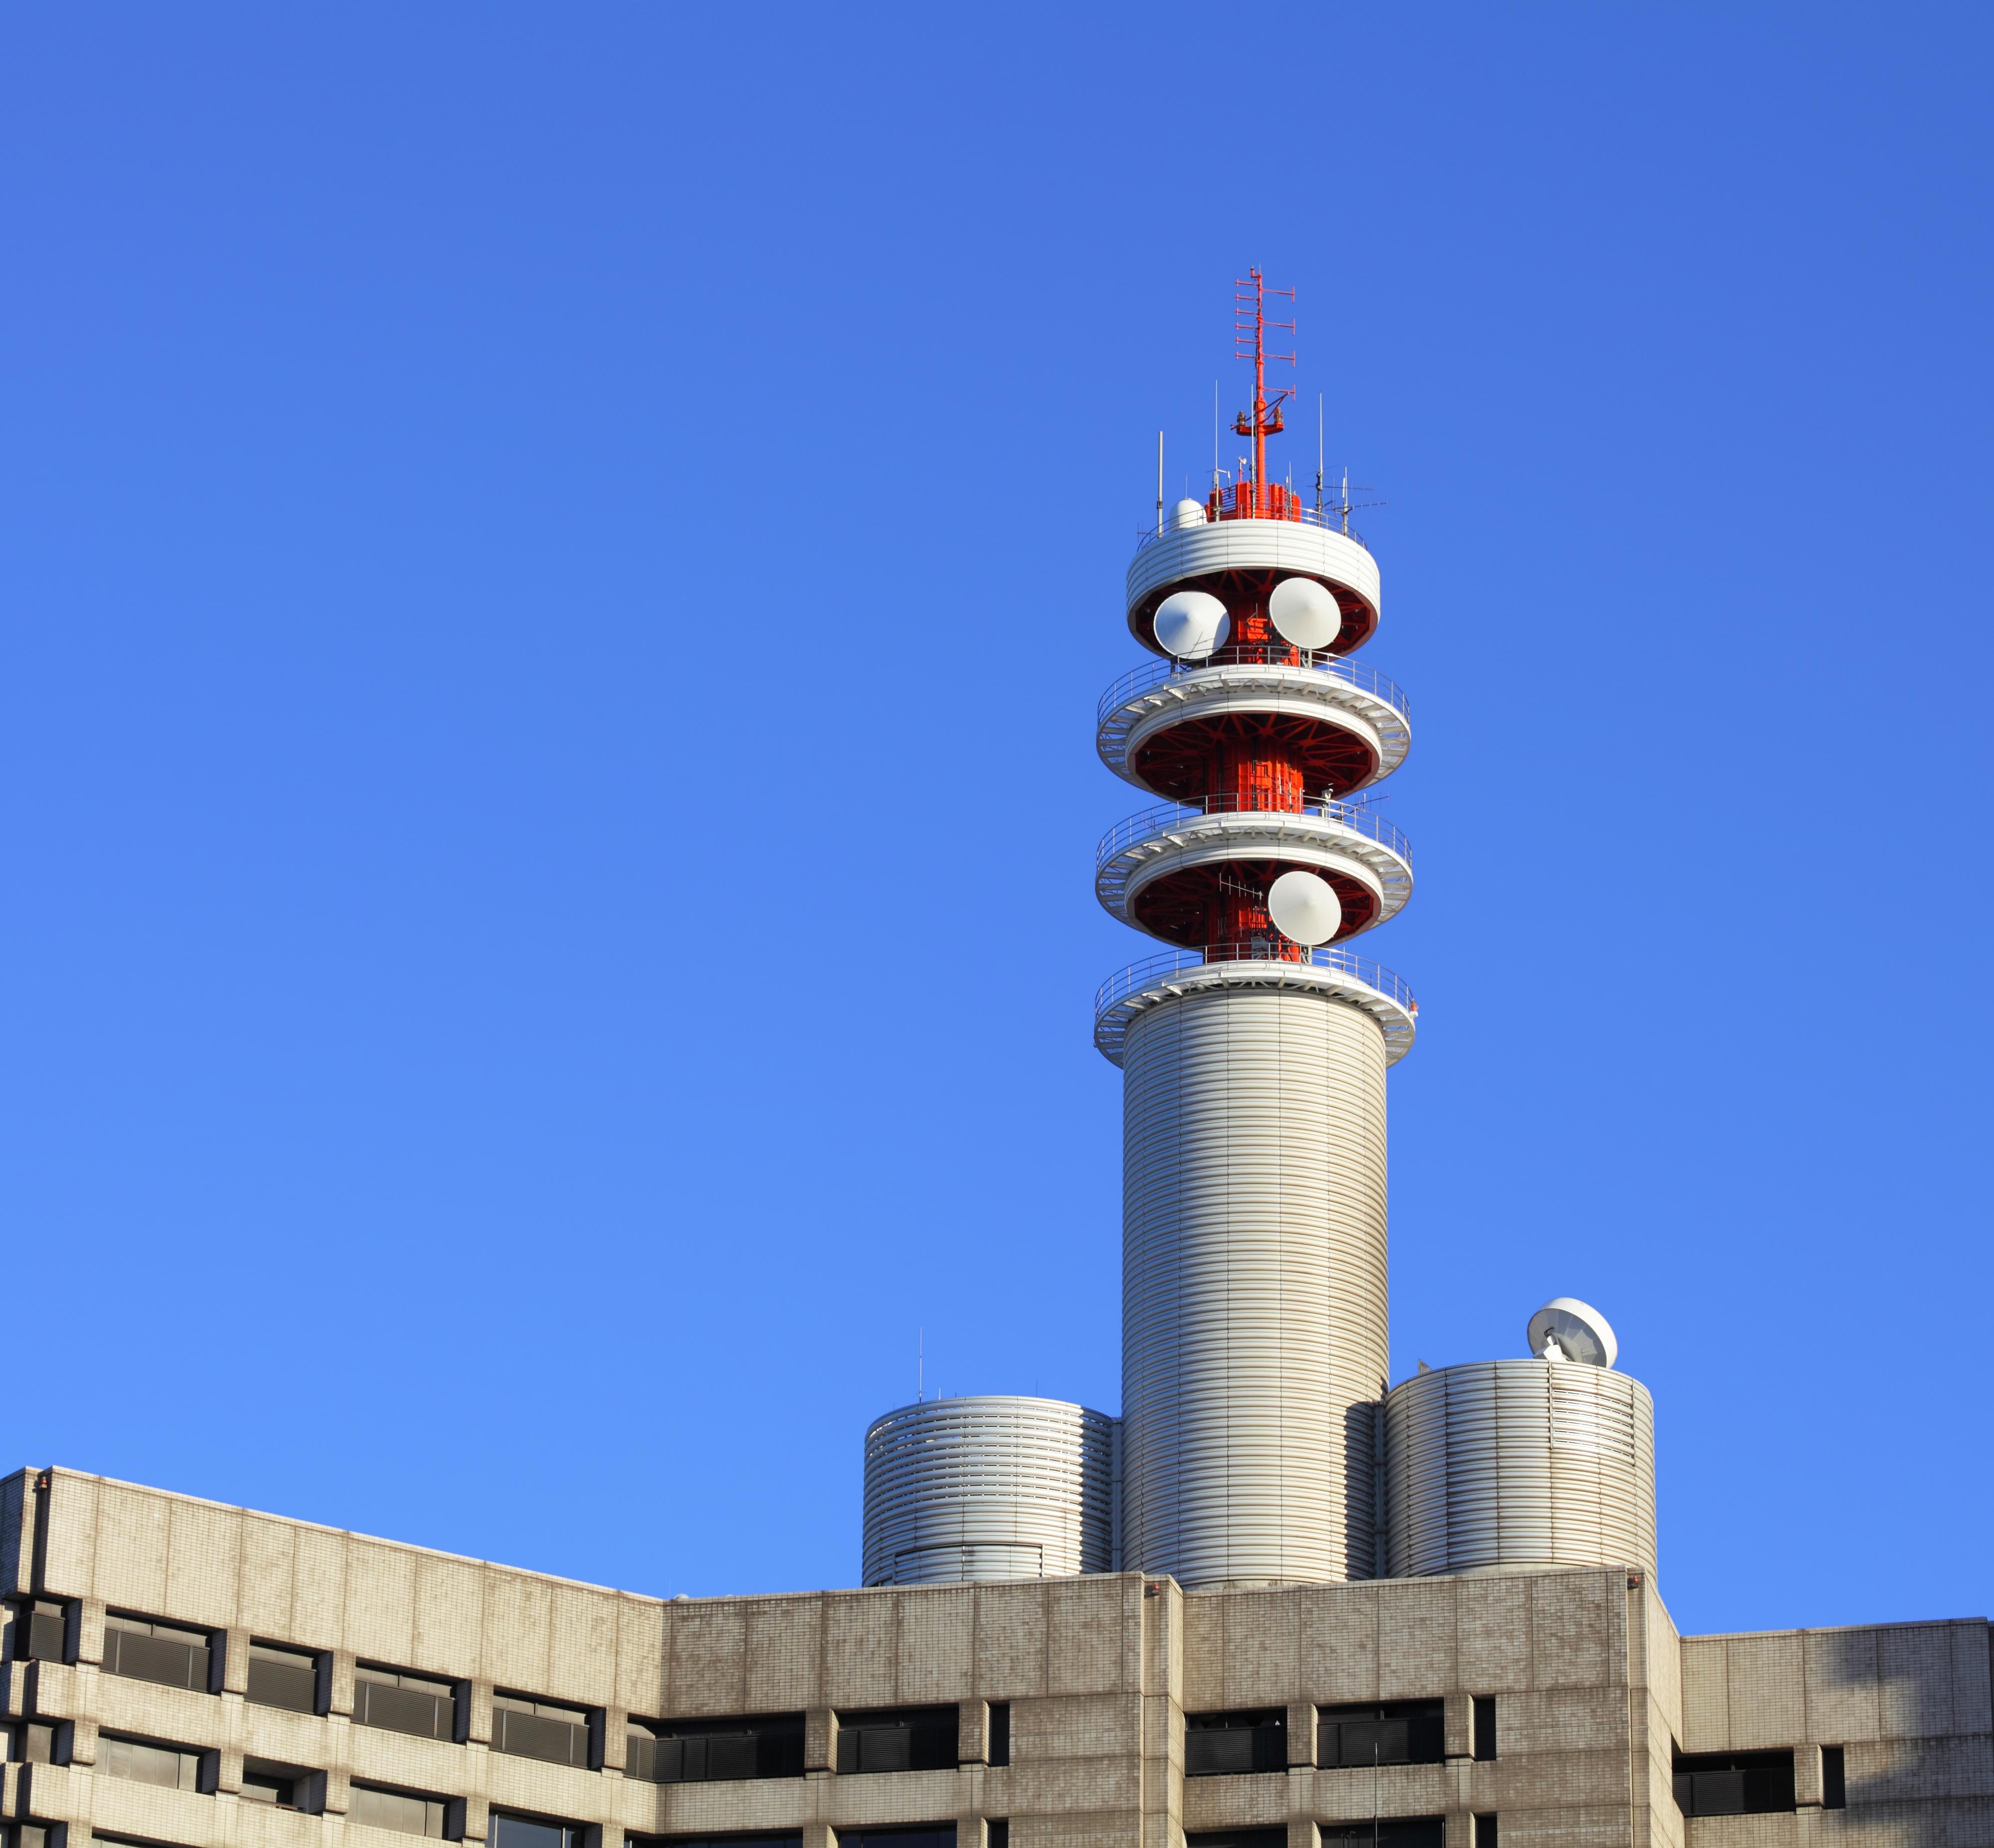 broadcast-tower-on-building-PEMFHPR.jpg